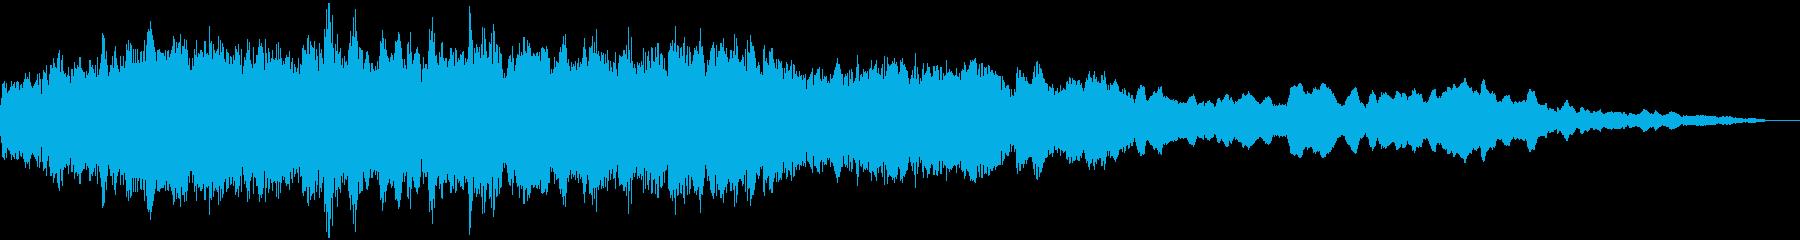 【映画演出】出現 SE_01の再生済みの波形